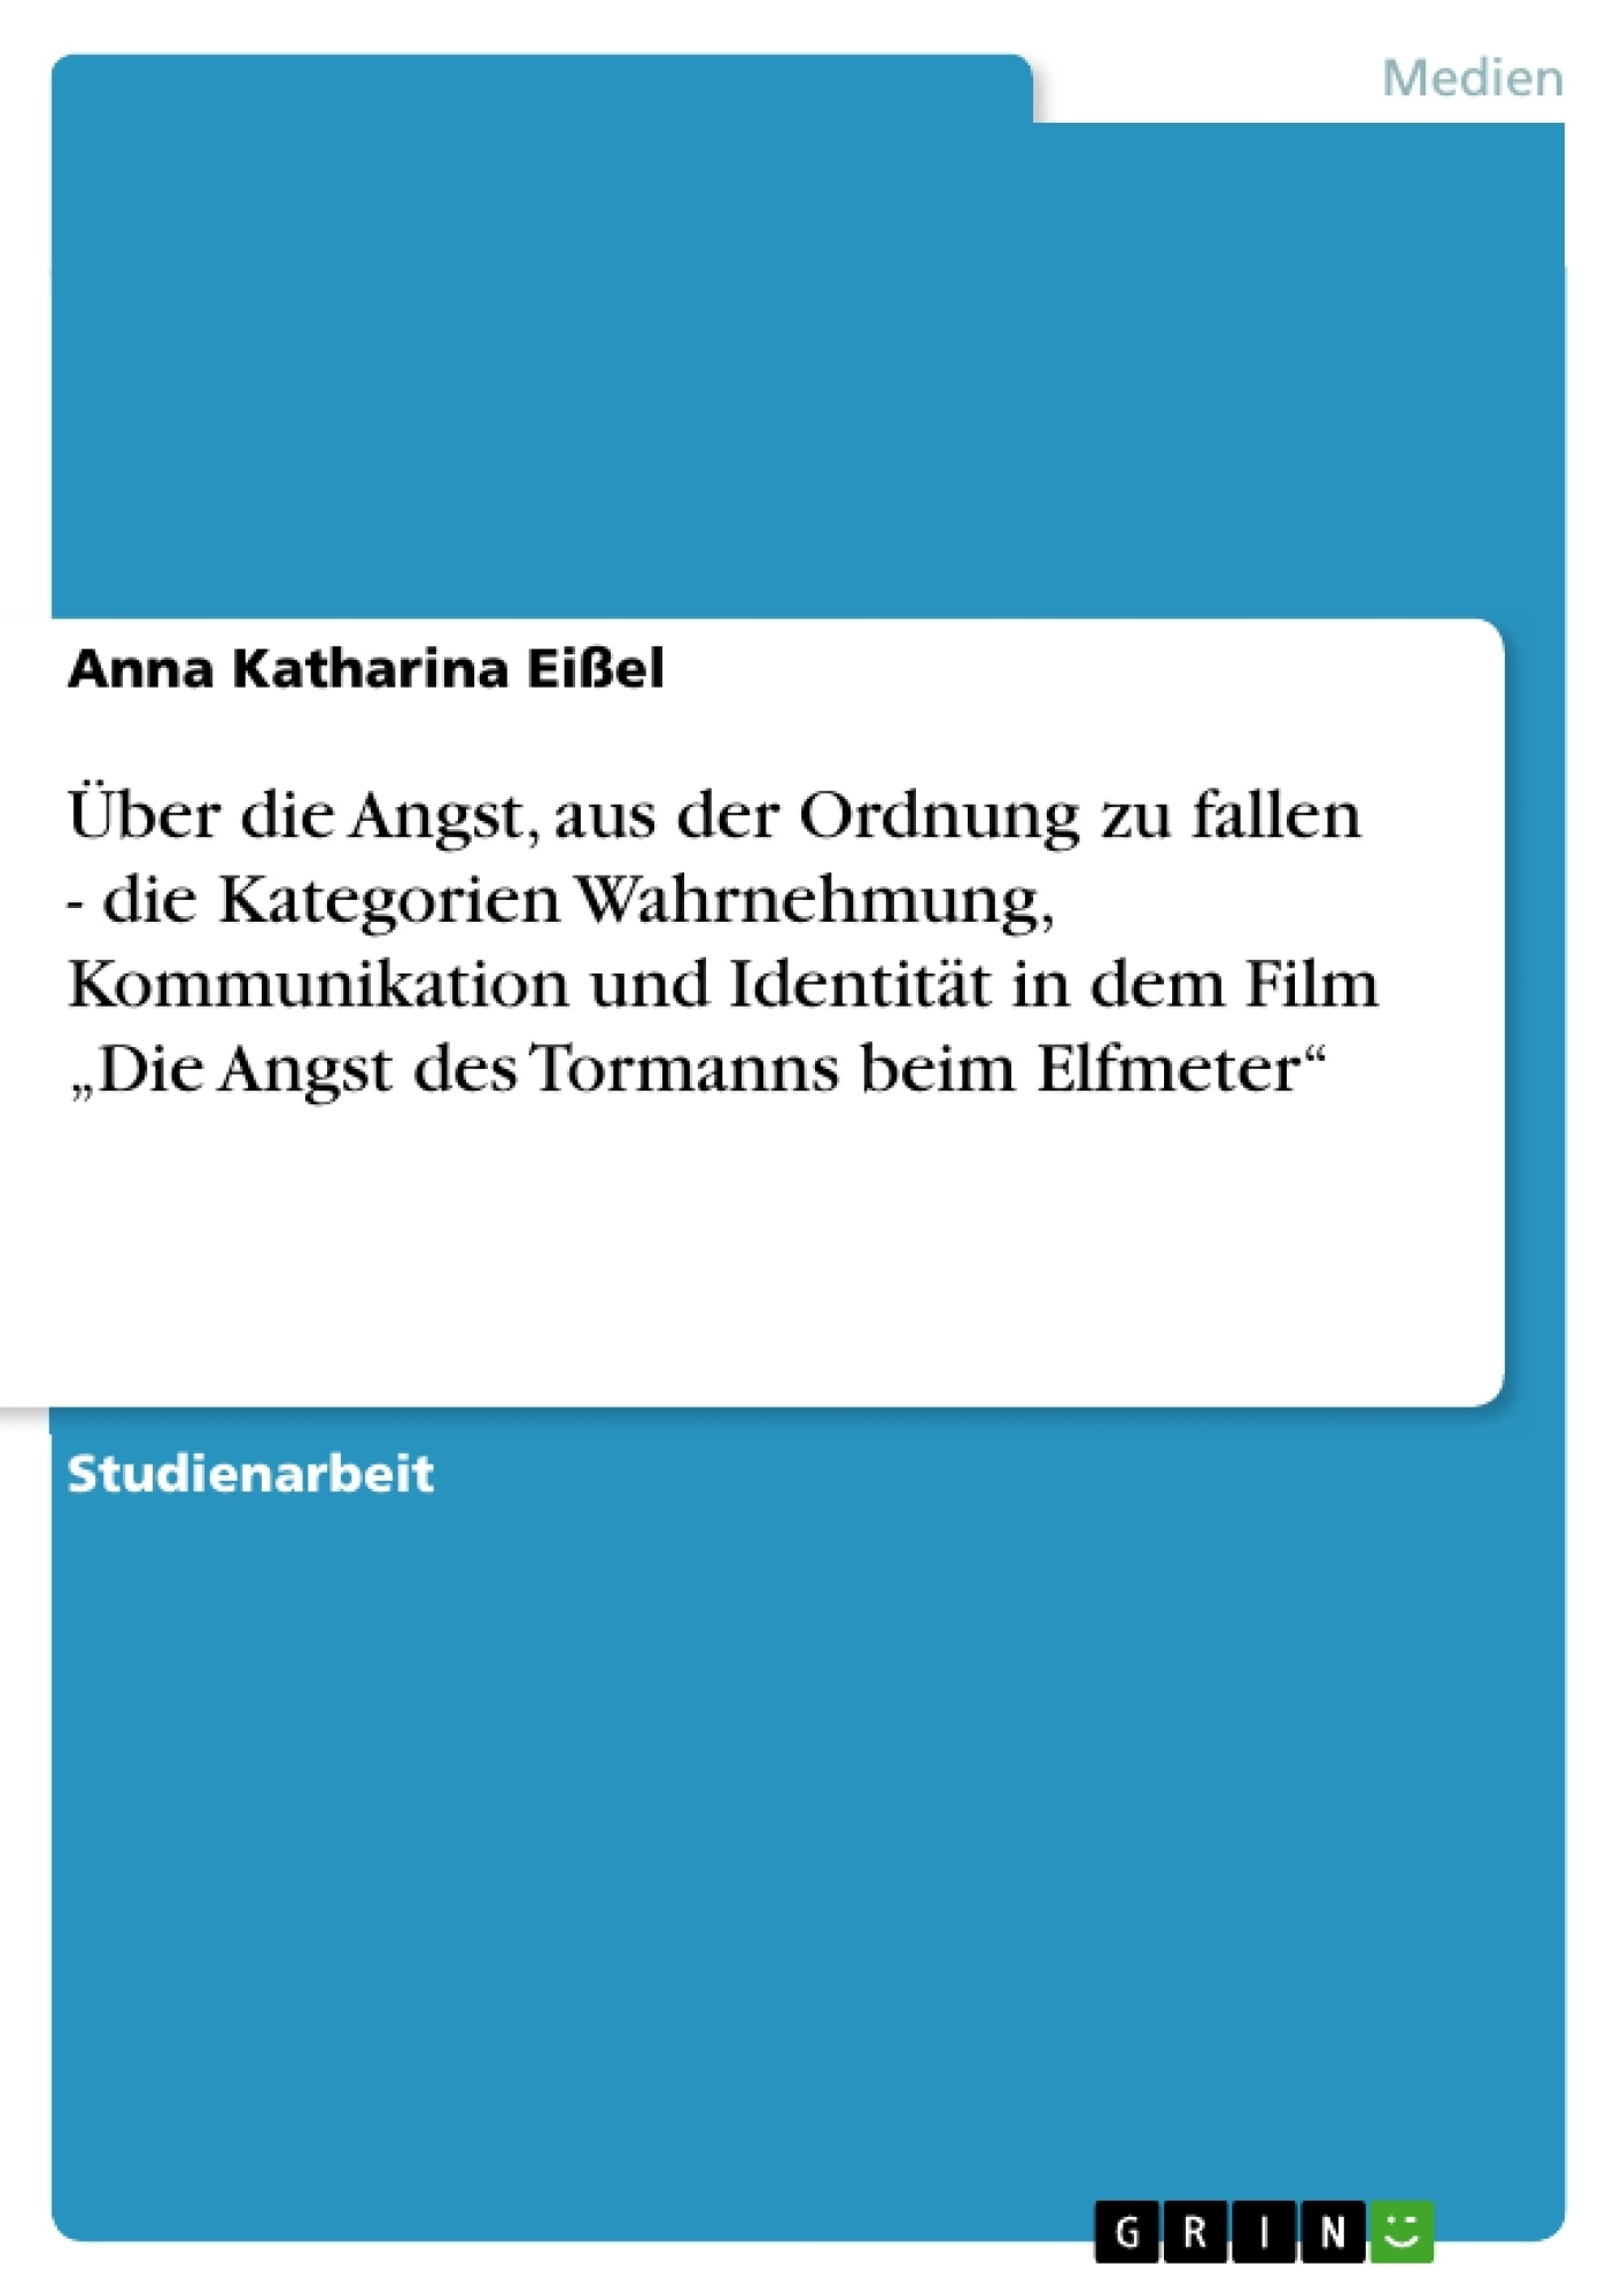 """Titel: Über die Angst, aus der Ordnung zu fallen - die Kategorien Wahrnehmung, Kommunikation und Identität in dem Film """"Die Angst des Tormanns beim Elfmeter"""""""